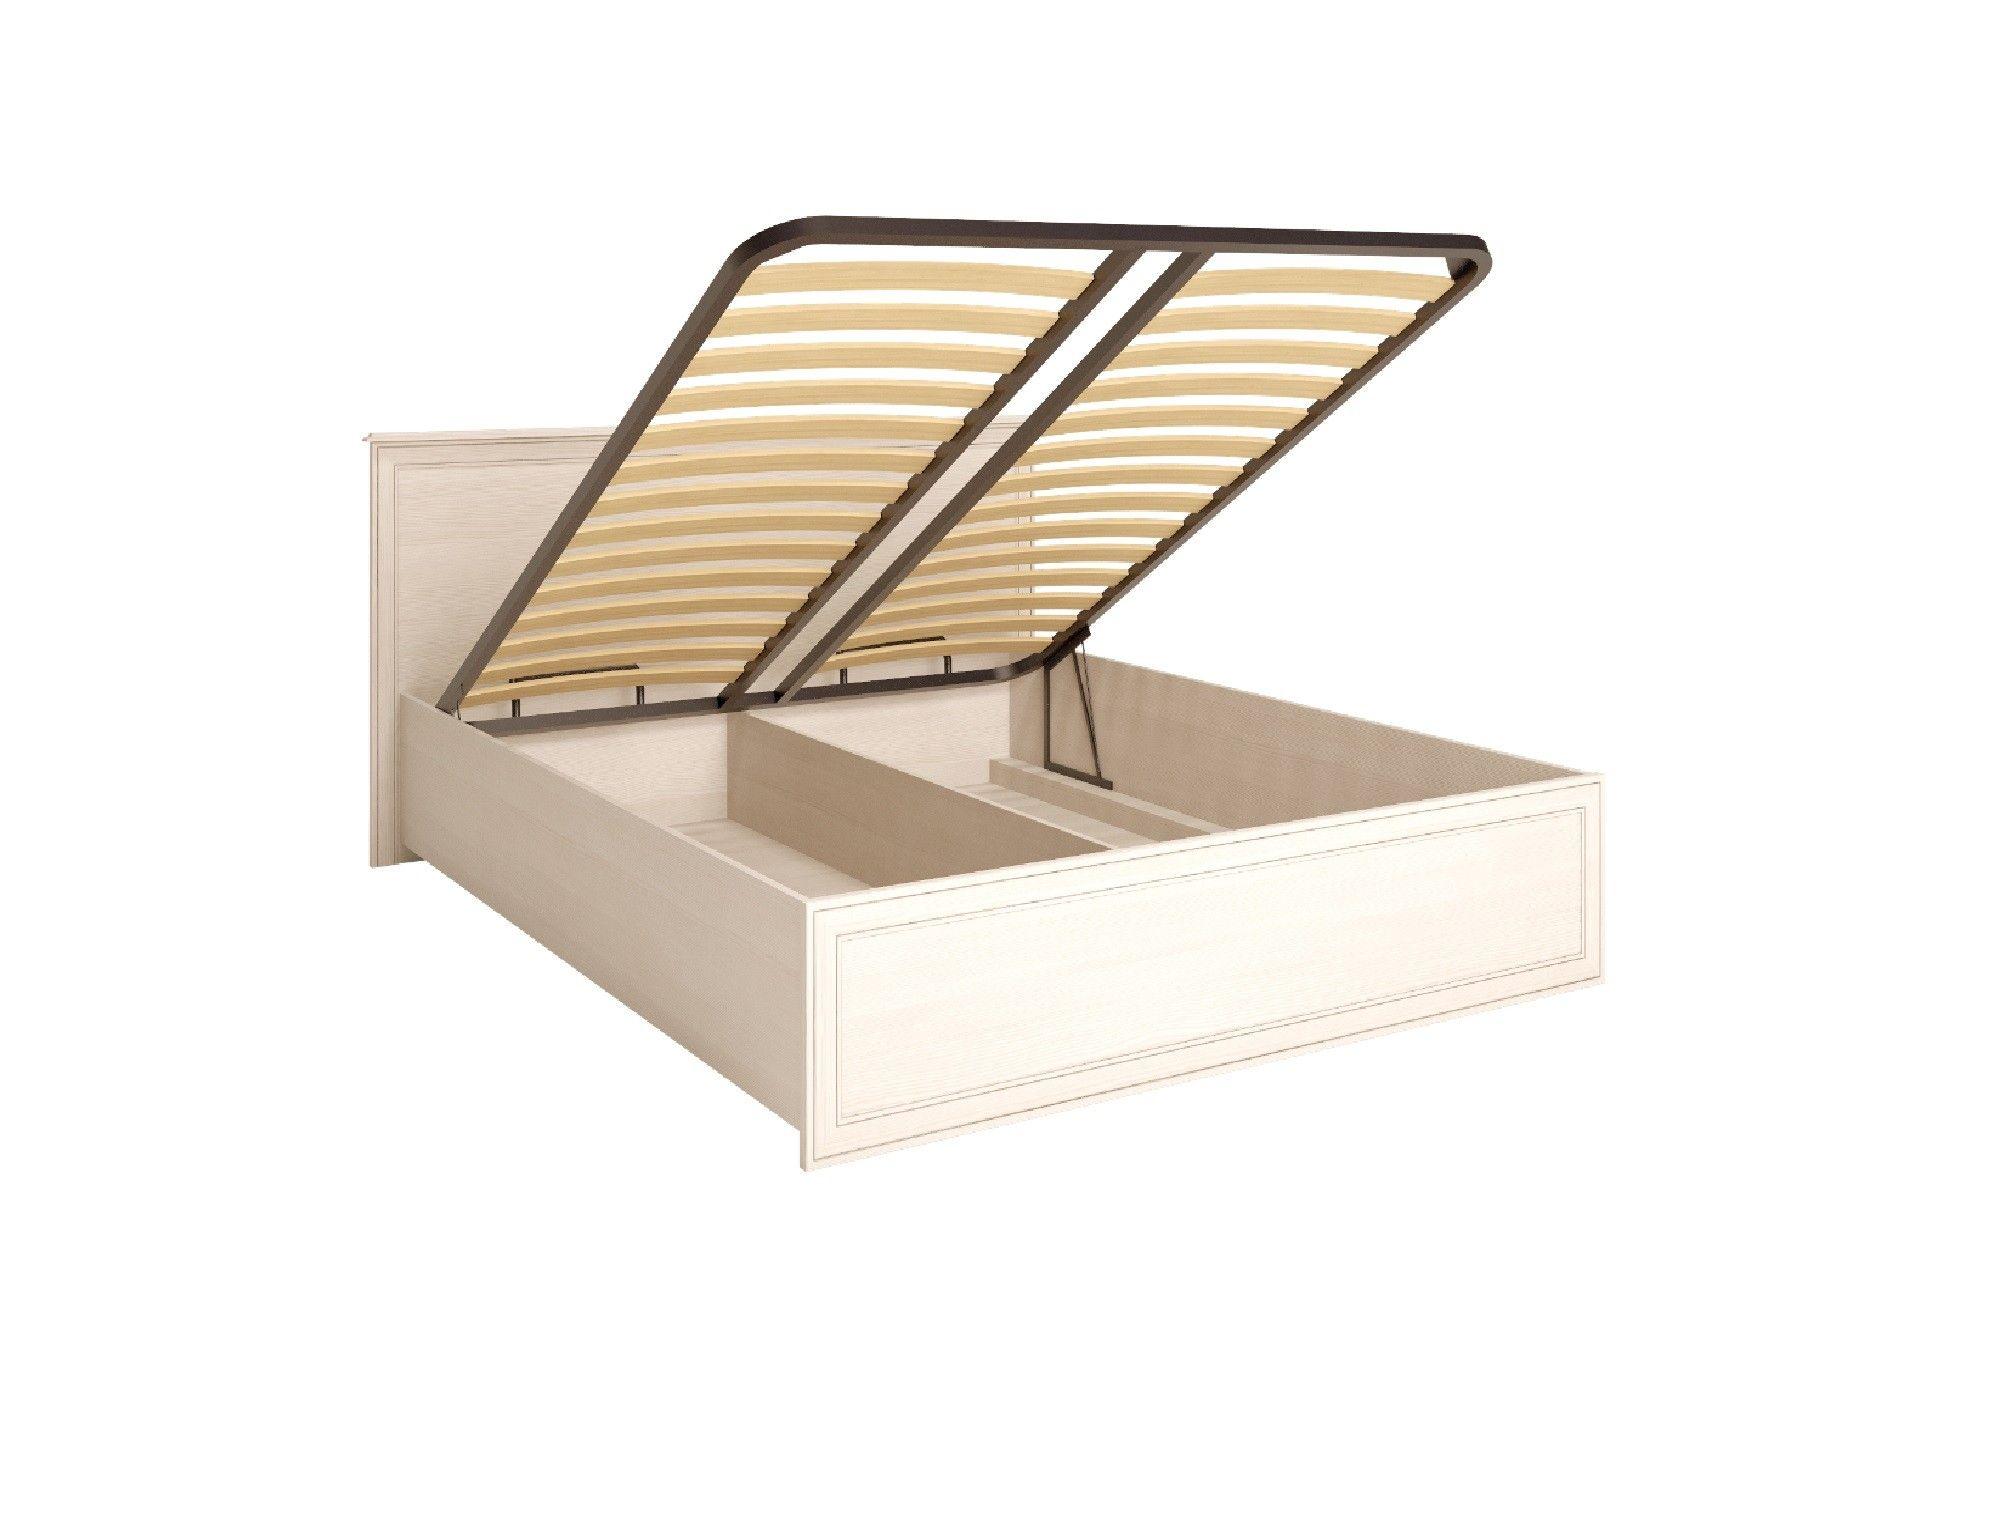 Кровать двойная 1600 мм Венеция 5 с подъемным механизмом, без матраса